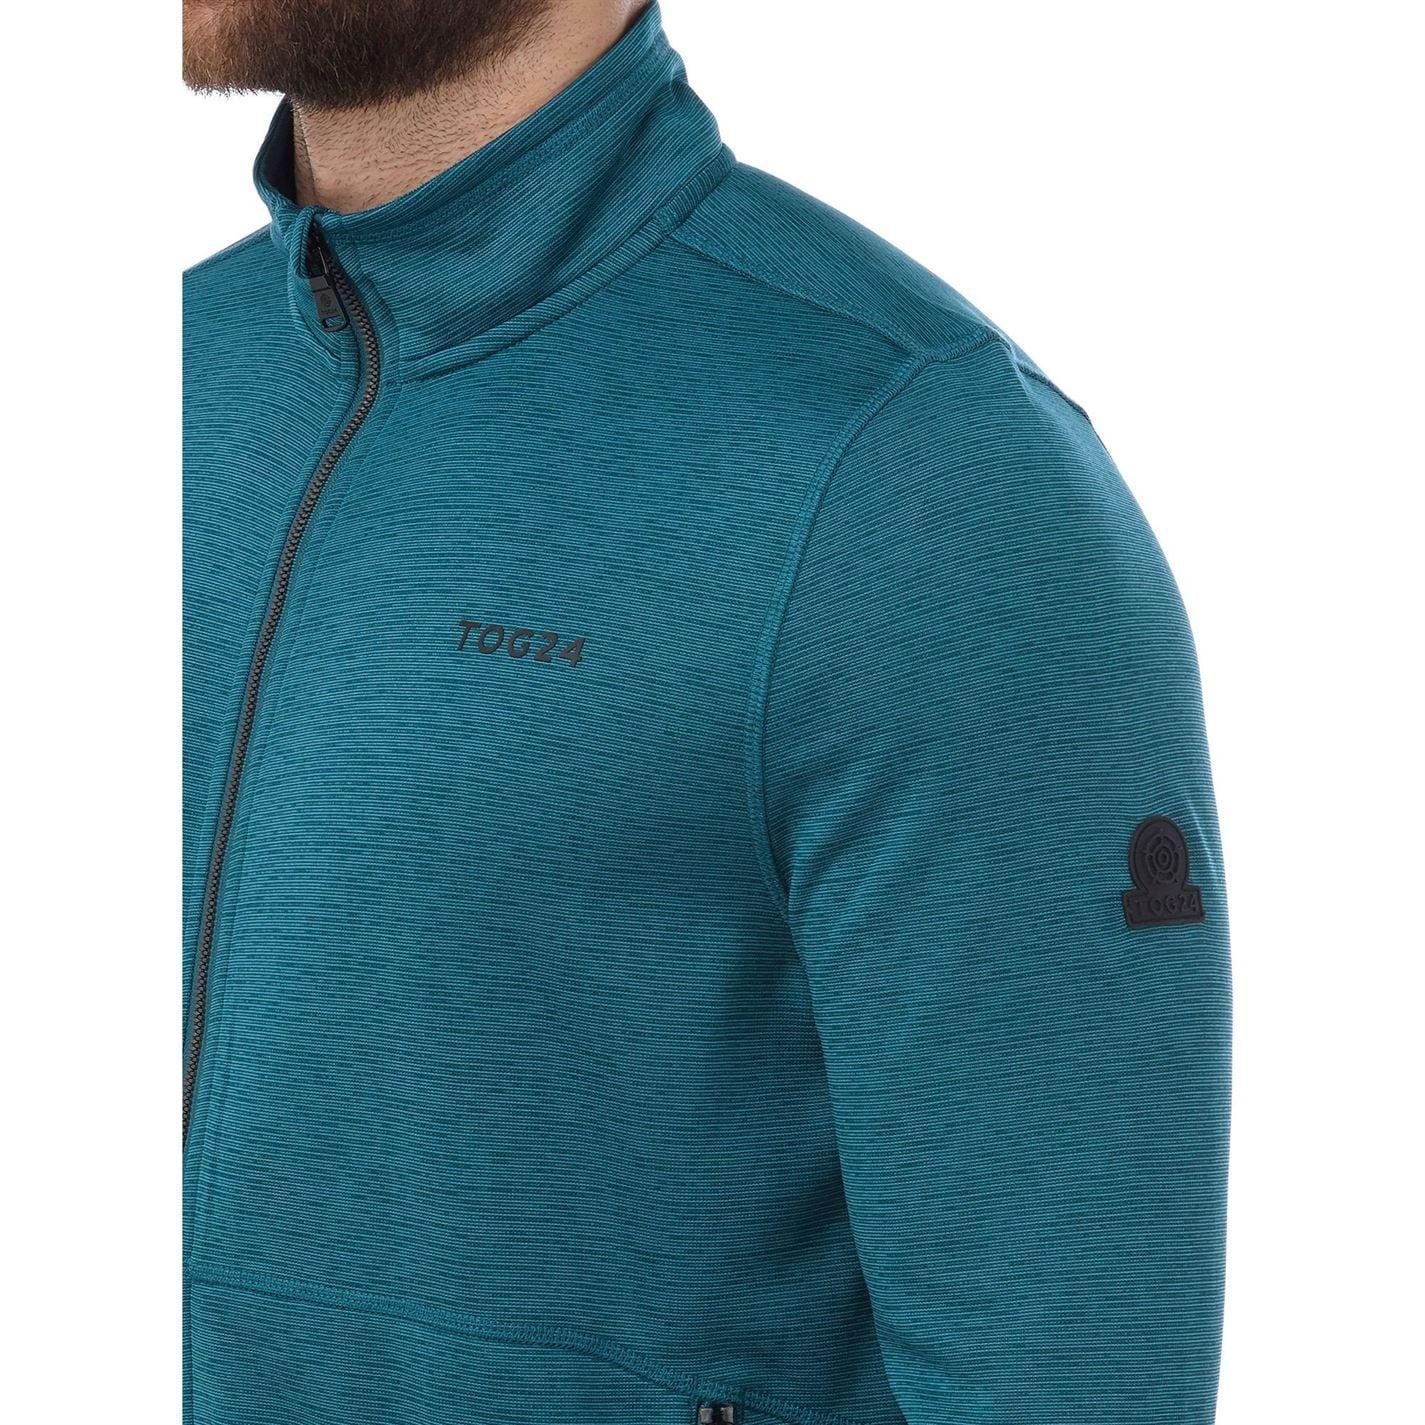 Tog 24 Fleece Stump Tcz Stretch Jacket in Blue for Men